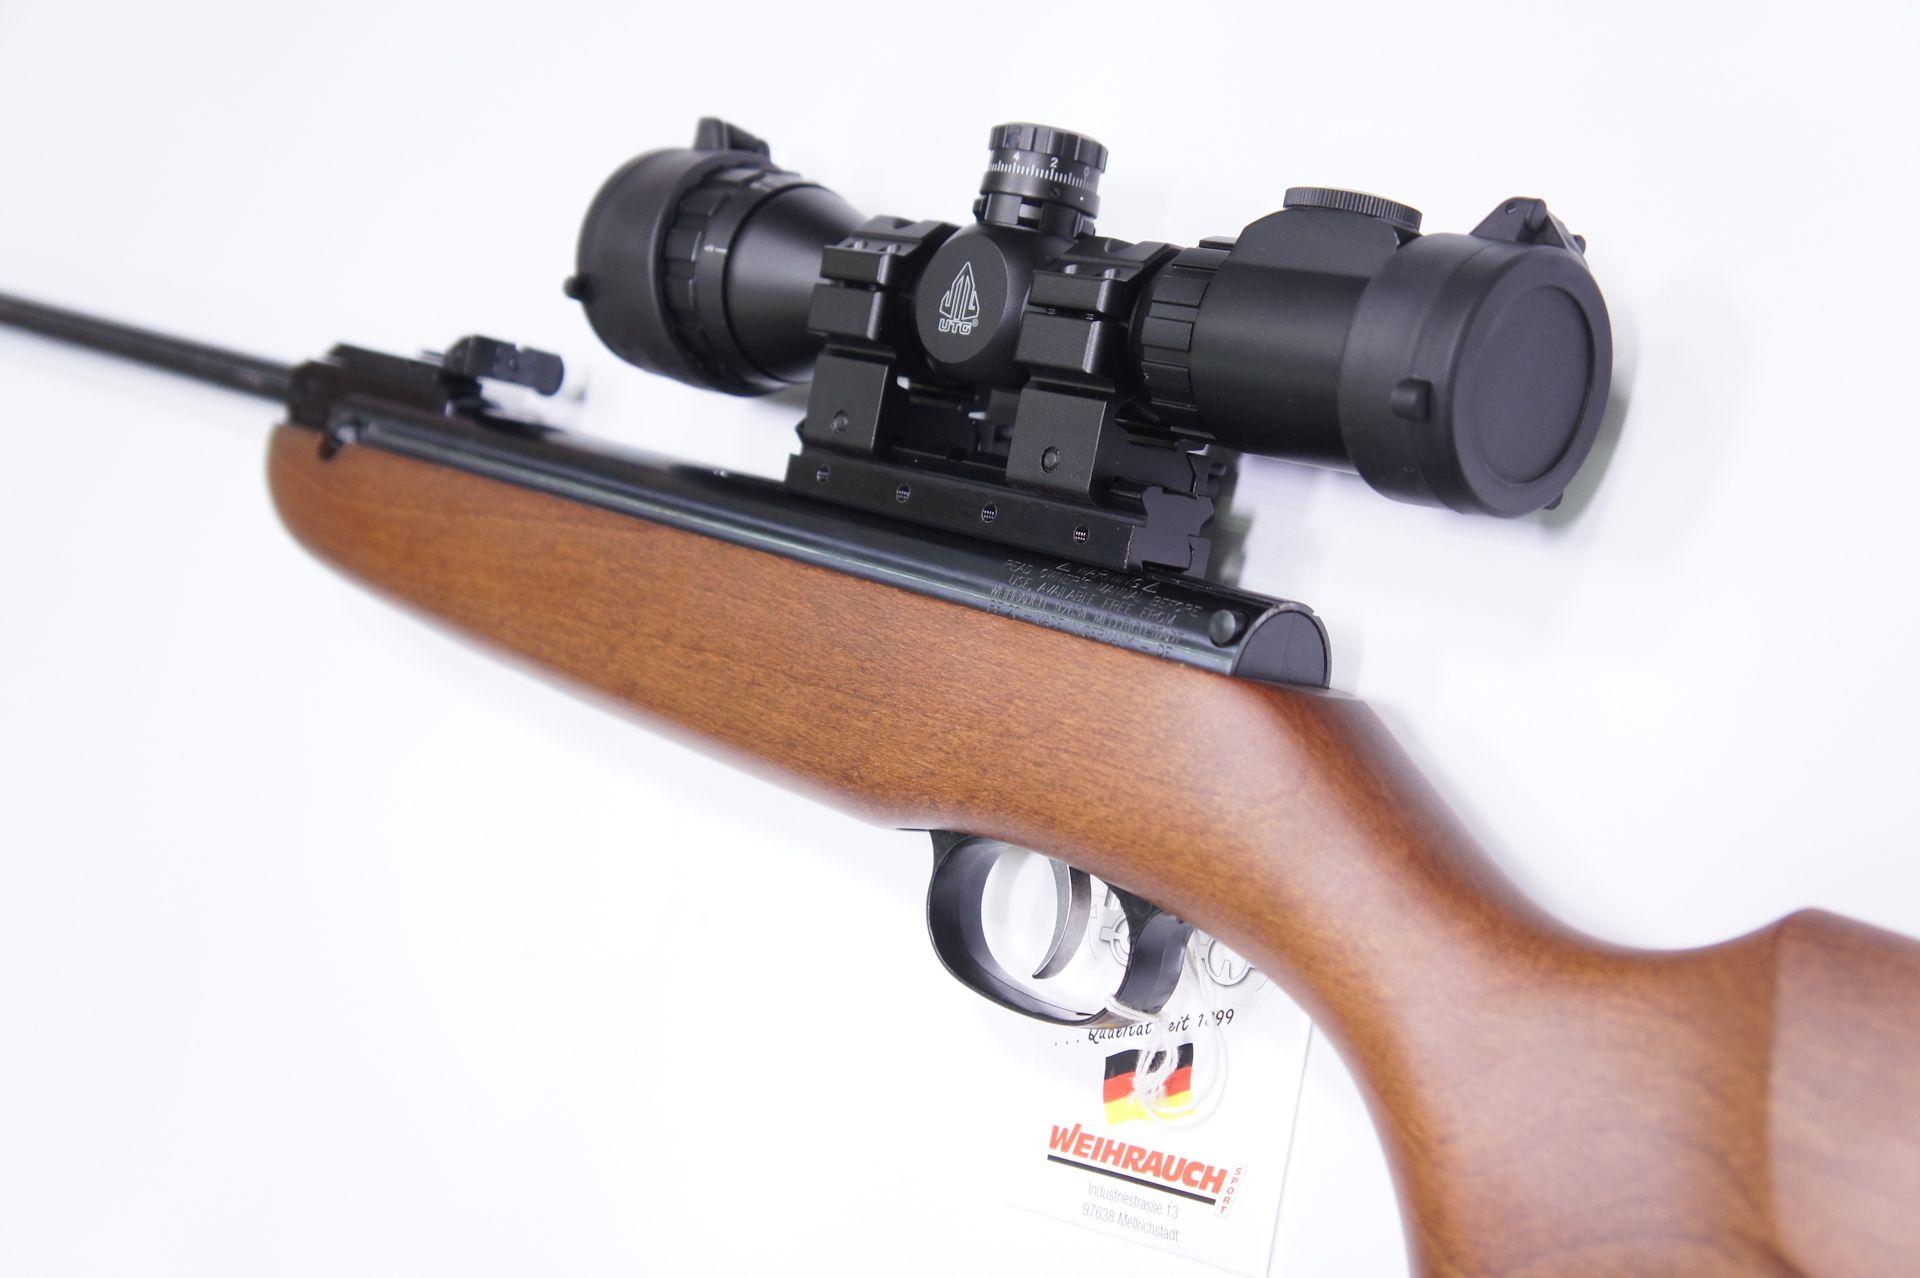 Montagebeispiel vom Präzisionsadapter  am Luftgewehr HW 30 und mit Optik UTG 3-9x32 mit Schnellspannmontage